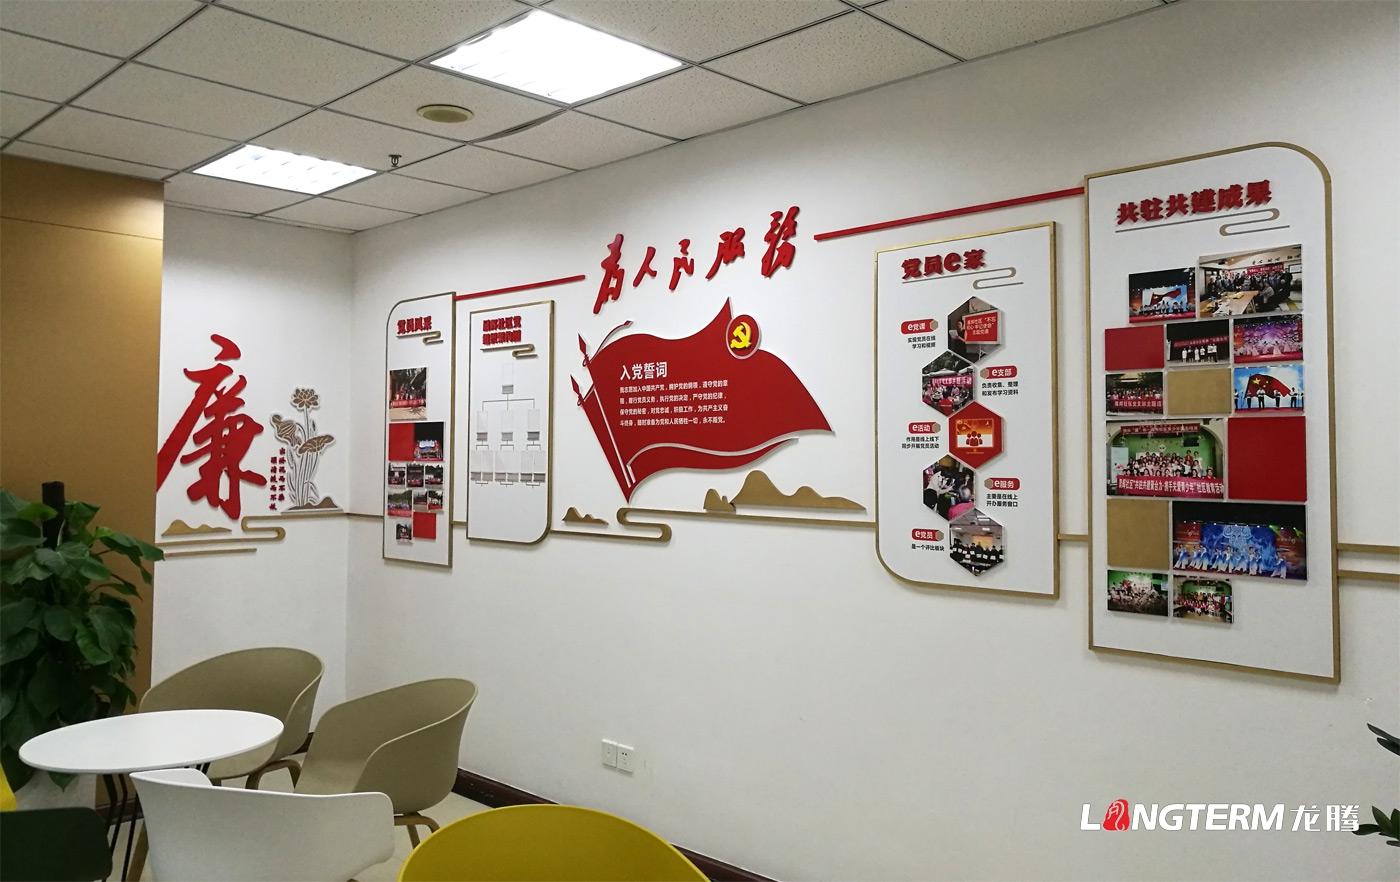 晨辉社区党建文化亿博国际app下载、制作、安装,社区廉政文化、和谐文化墙建设